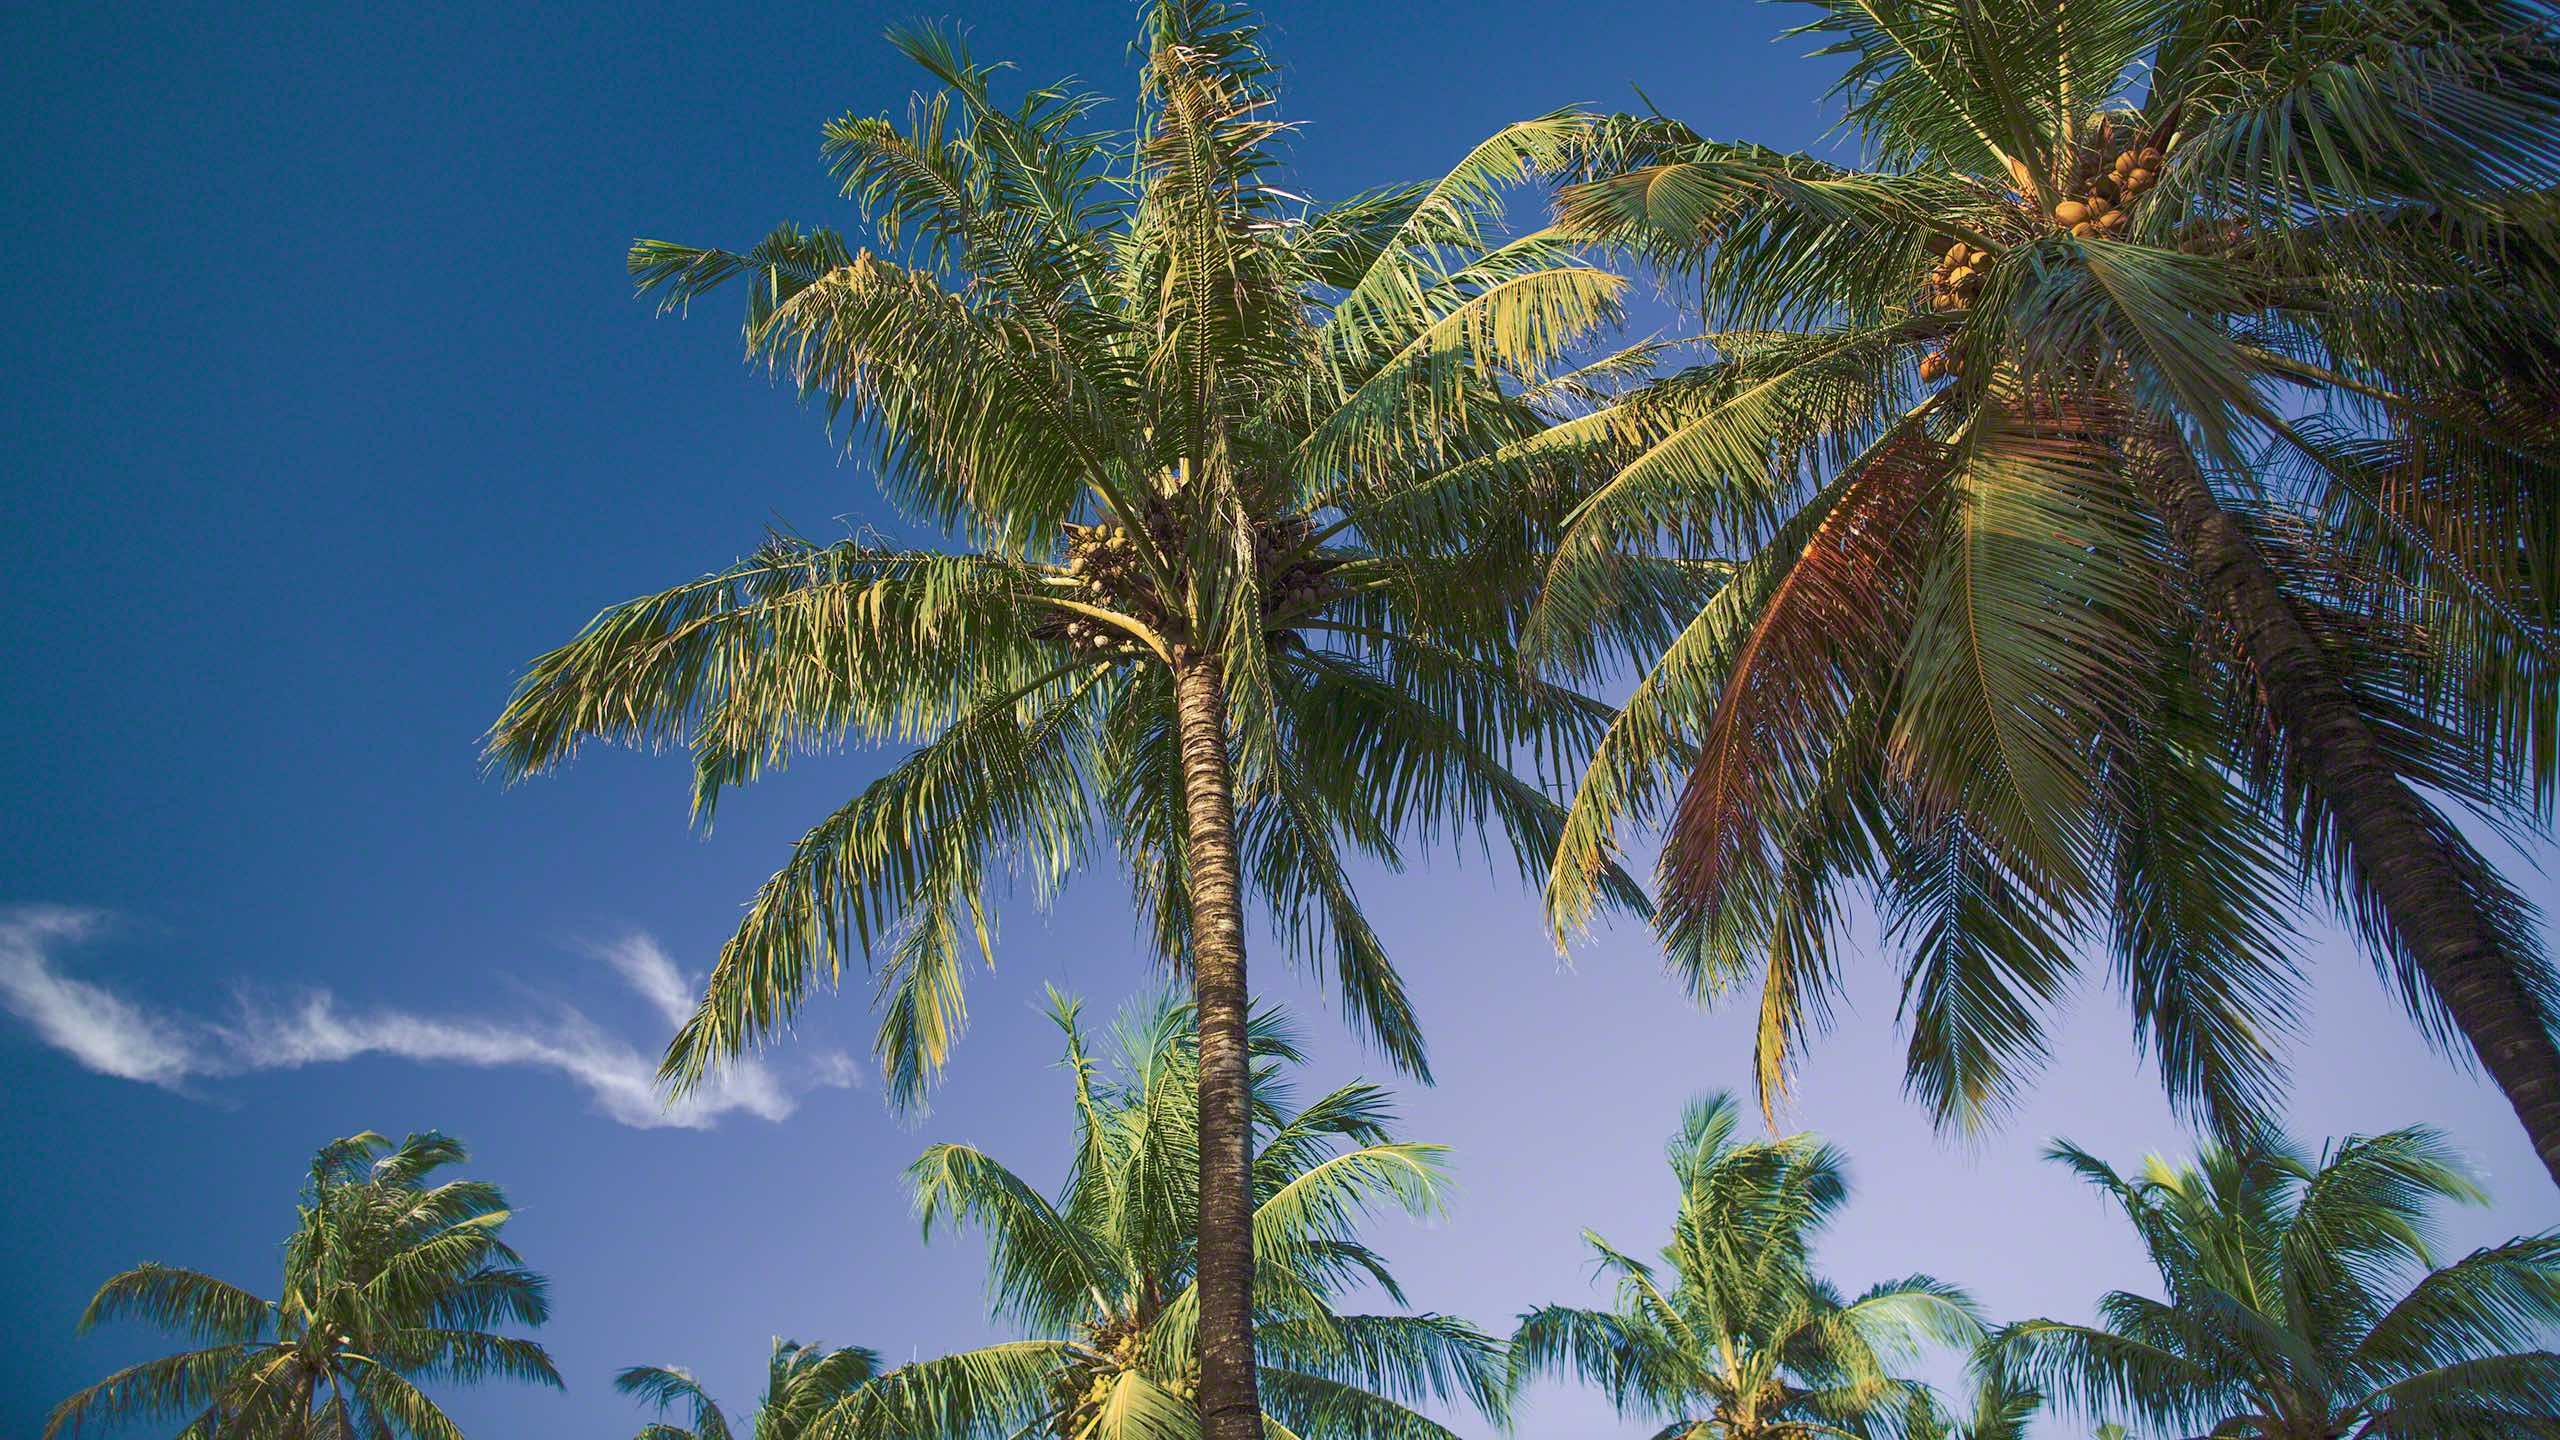 Schattenspendende Palmen gibt es auf der Insel genug